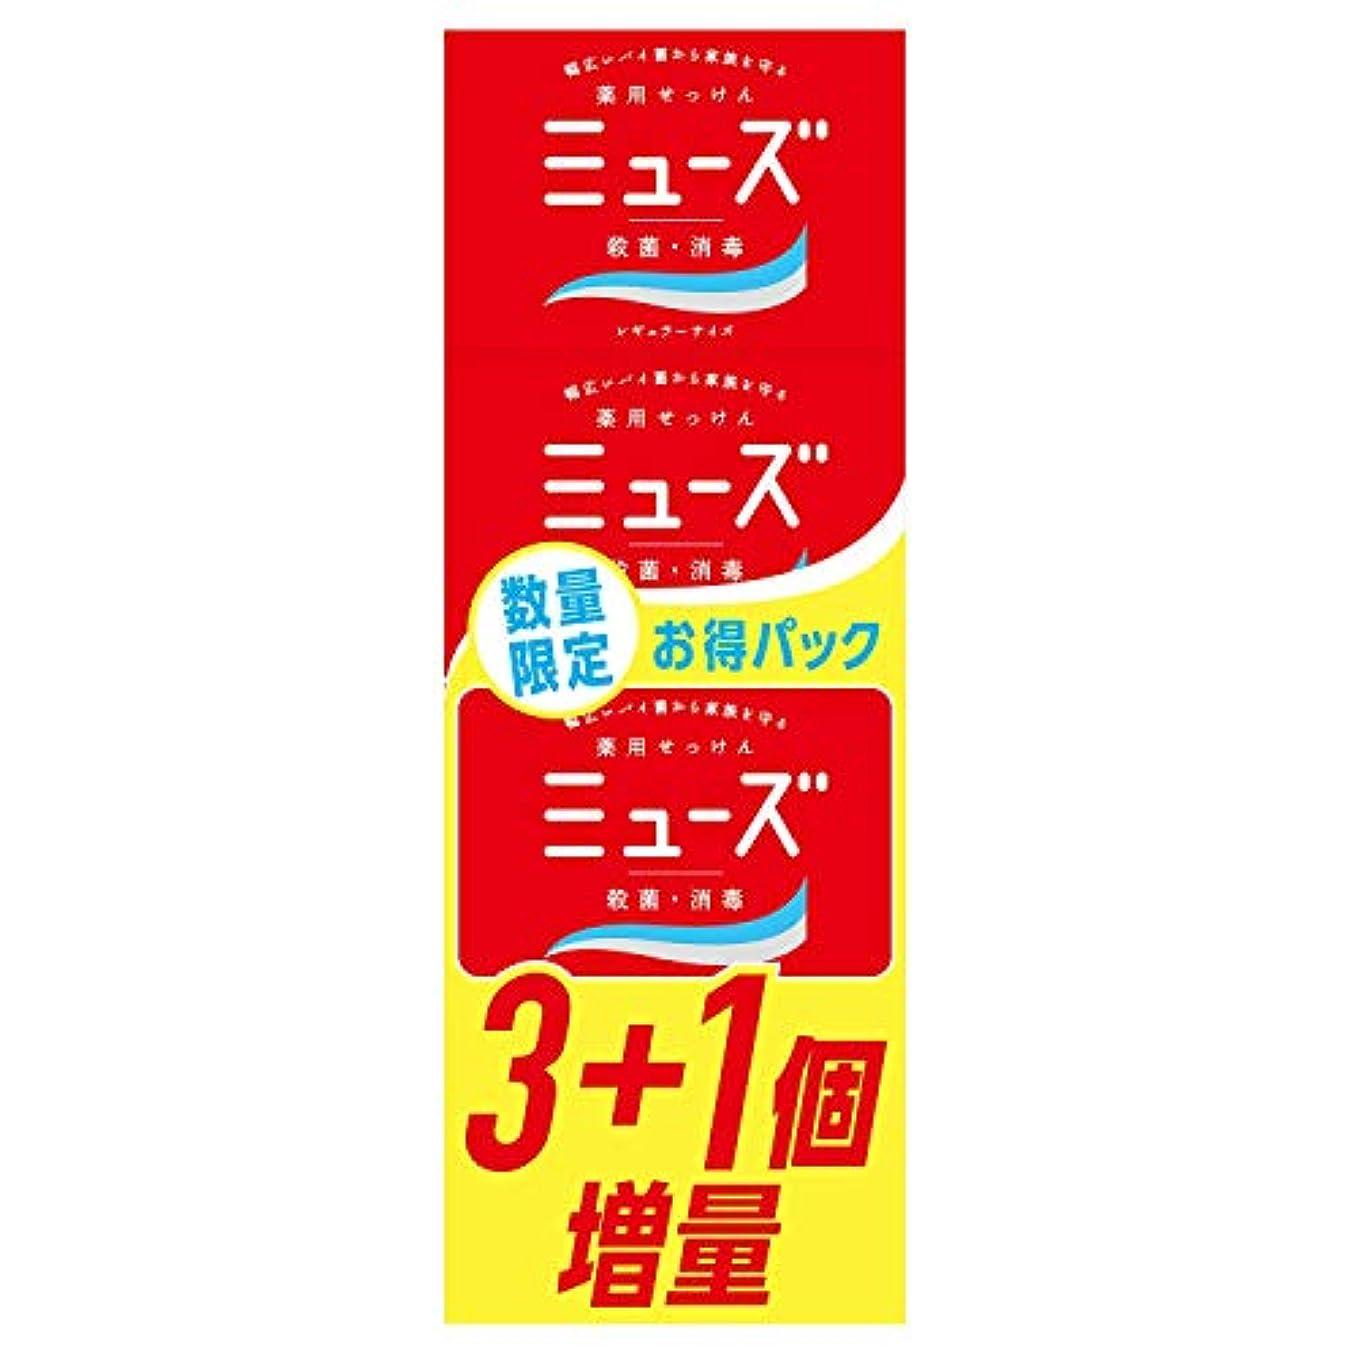 部分的に襟フレア【医薬部外品】ミューズ石鹸レギュラー 3+1限定品